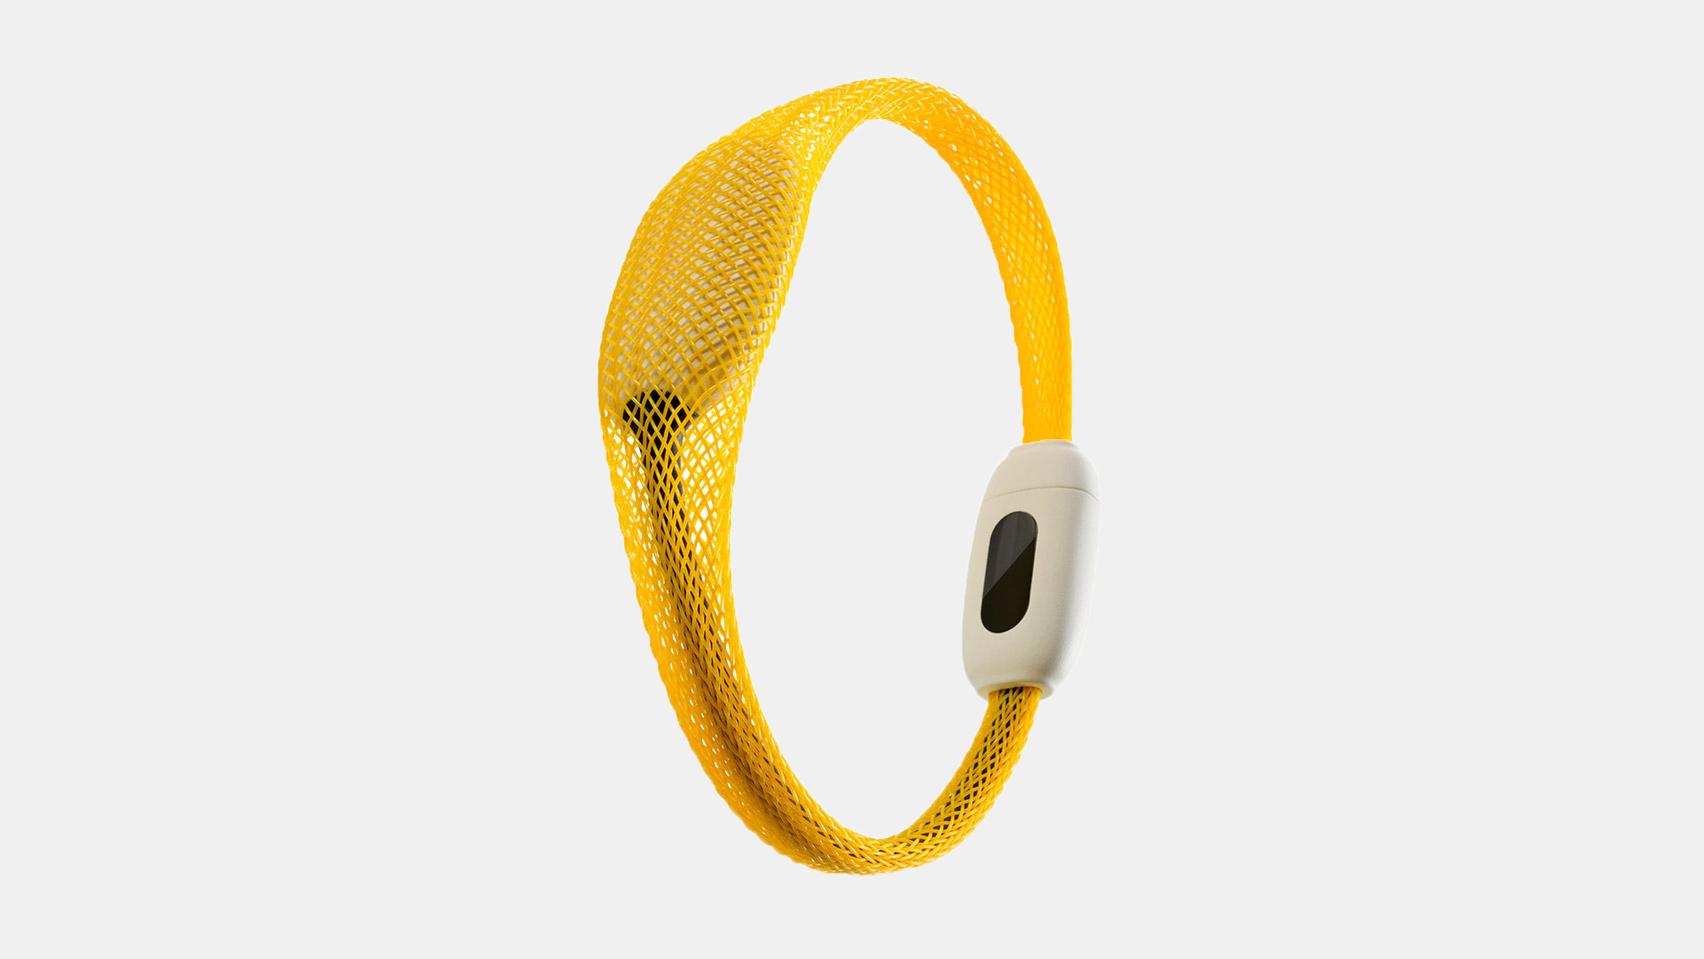 طراحی محصول: دستبند Buzz، با هدف جلوگیری از وقوع تجاوز جنسی